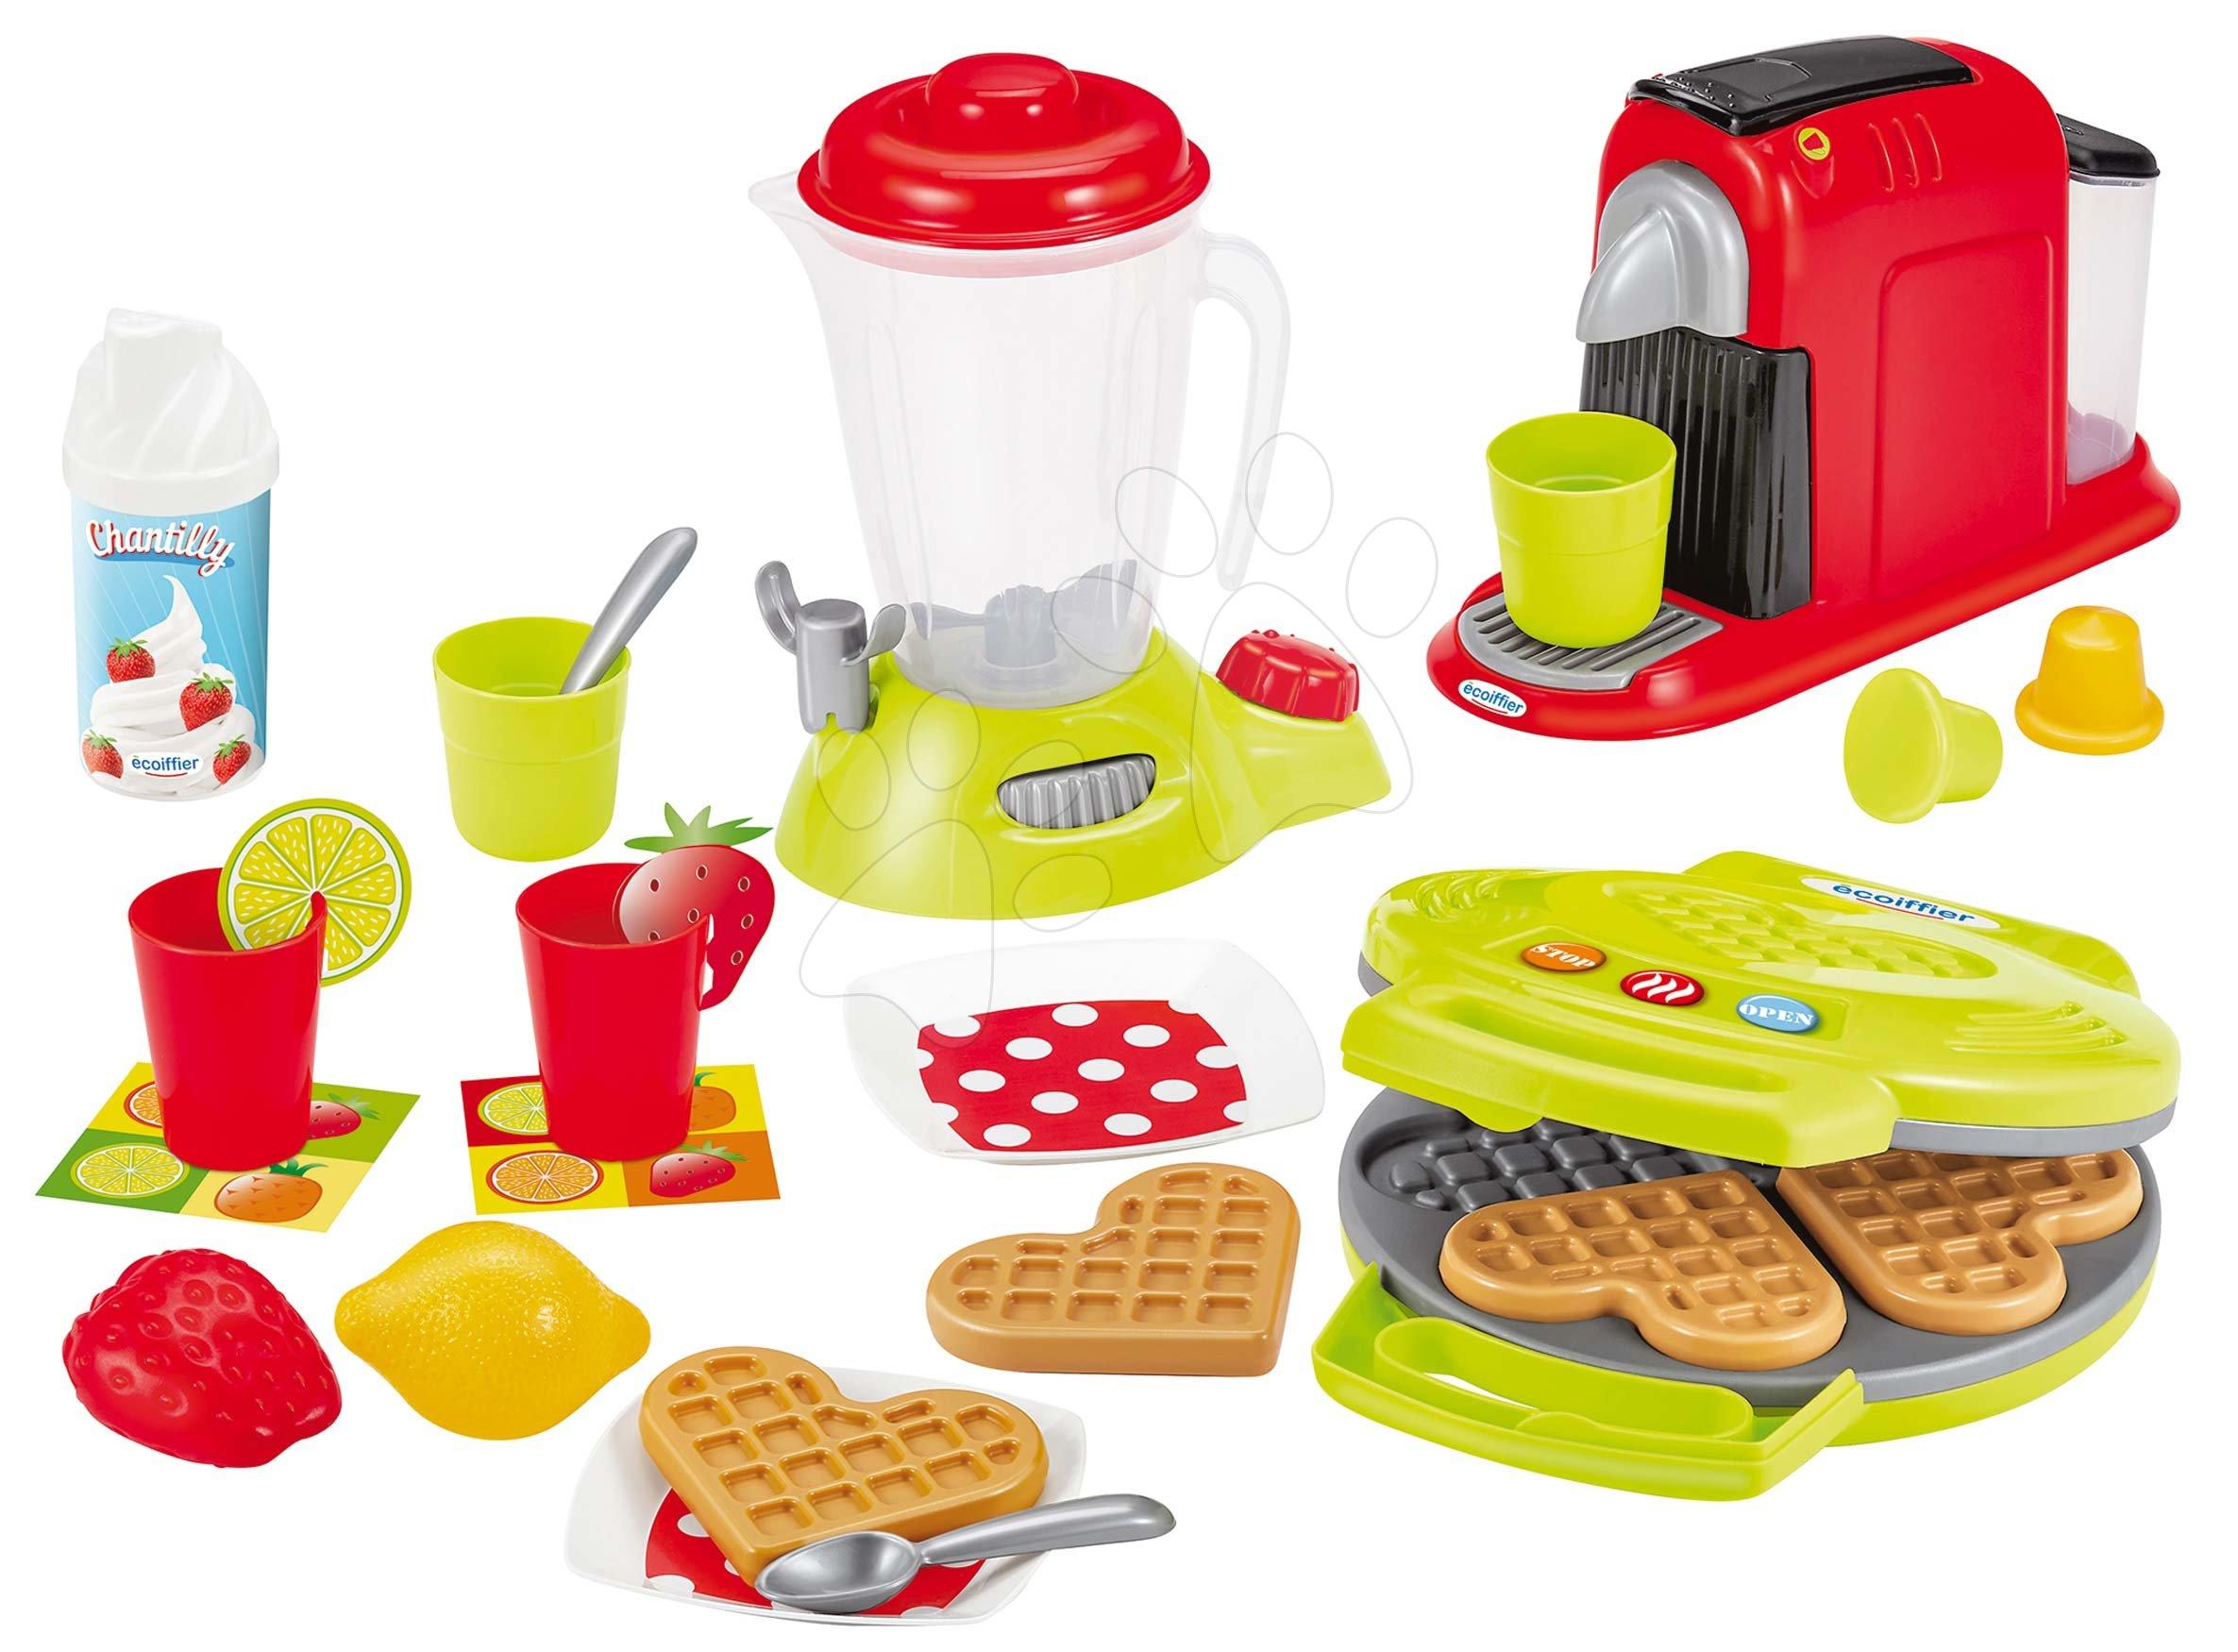 Posodice in dodatki za kuhinje - Opekač za vaflje z mešalnikom in kavomatom Small Household Appliances Ecoiffier s palačinkami in 24 dodatki od 18 meseca